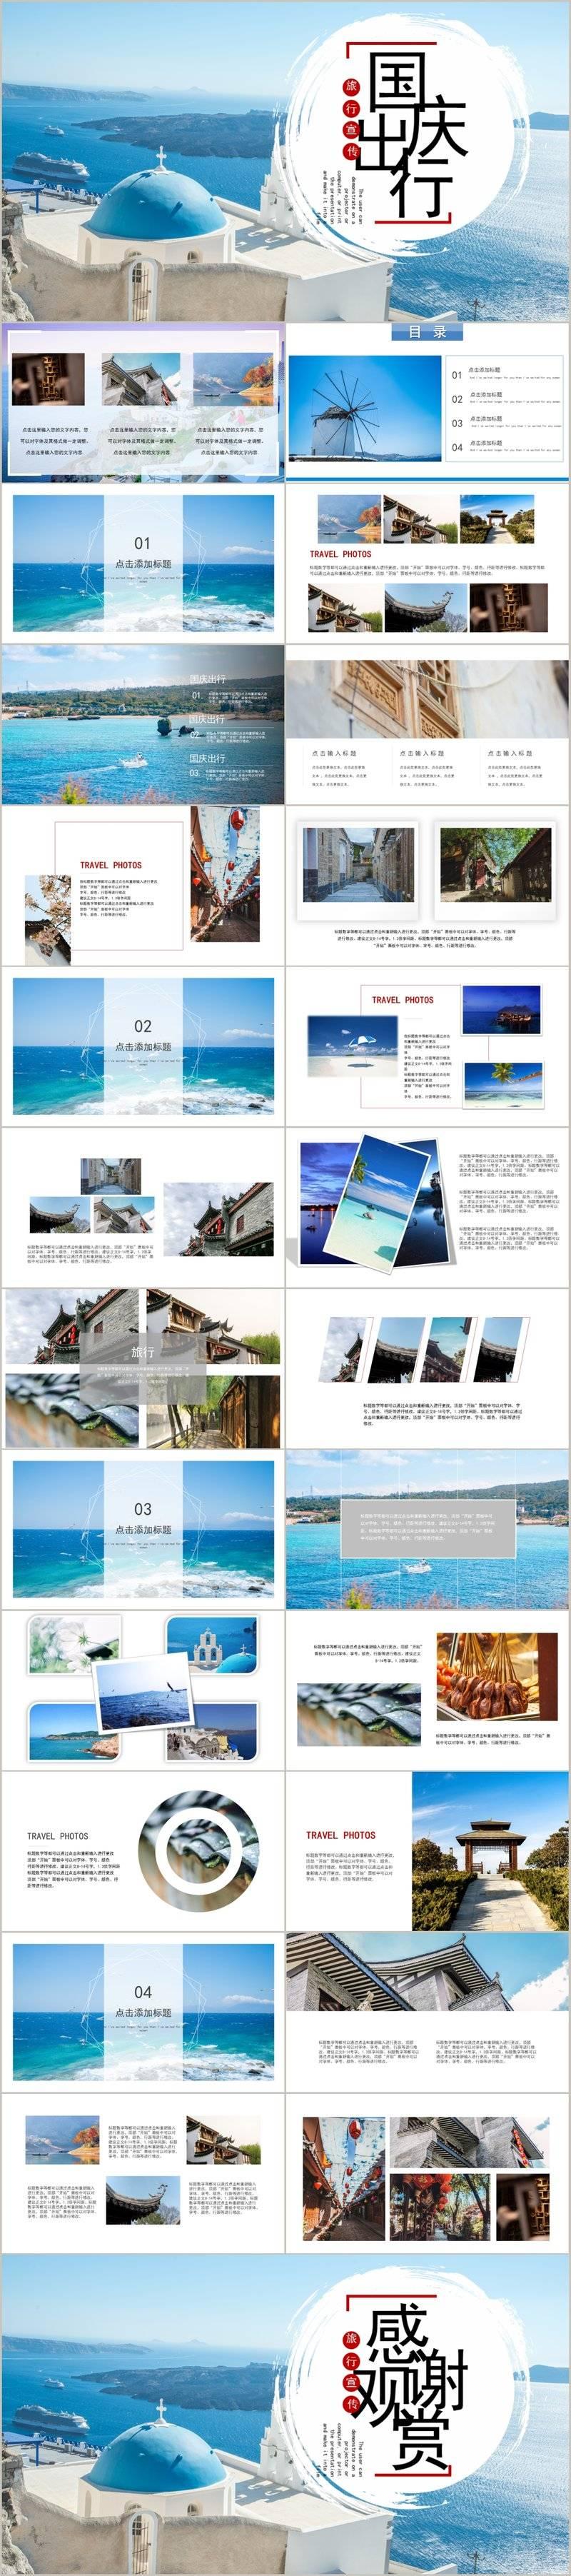 十一国庆节小长假户外旅游出行风景画册展示PPT模板